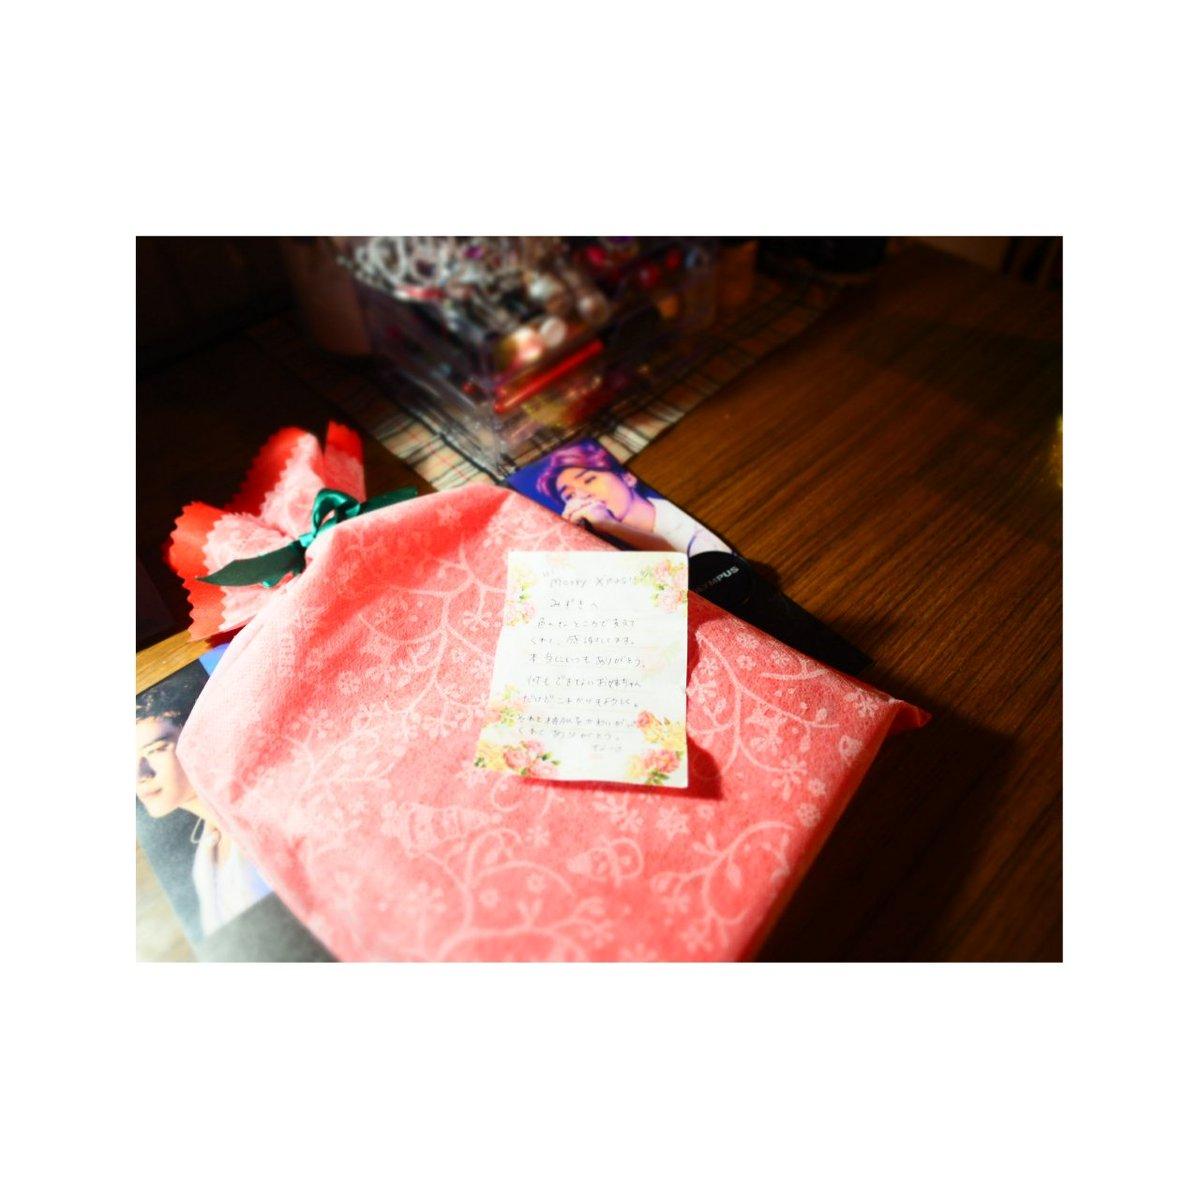 언니がクリスマスプレゼントくれた💄手紙もくれてそれみて泣けた最近すっごく涙もろい…😖大事に使います#Xmasプレゼント